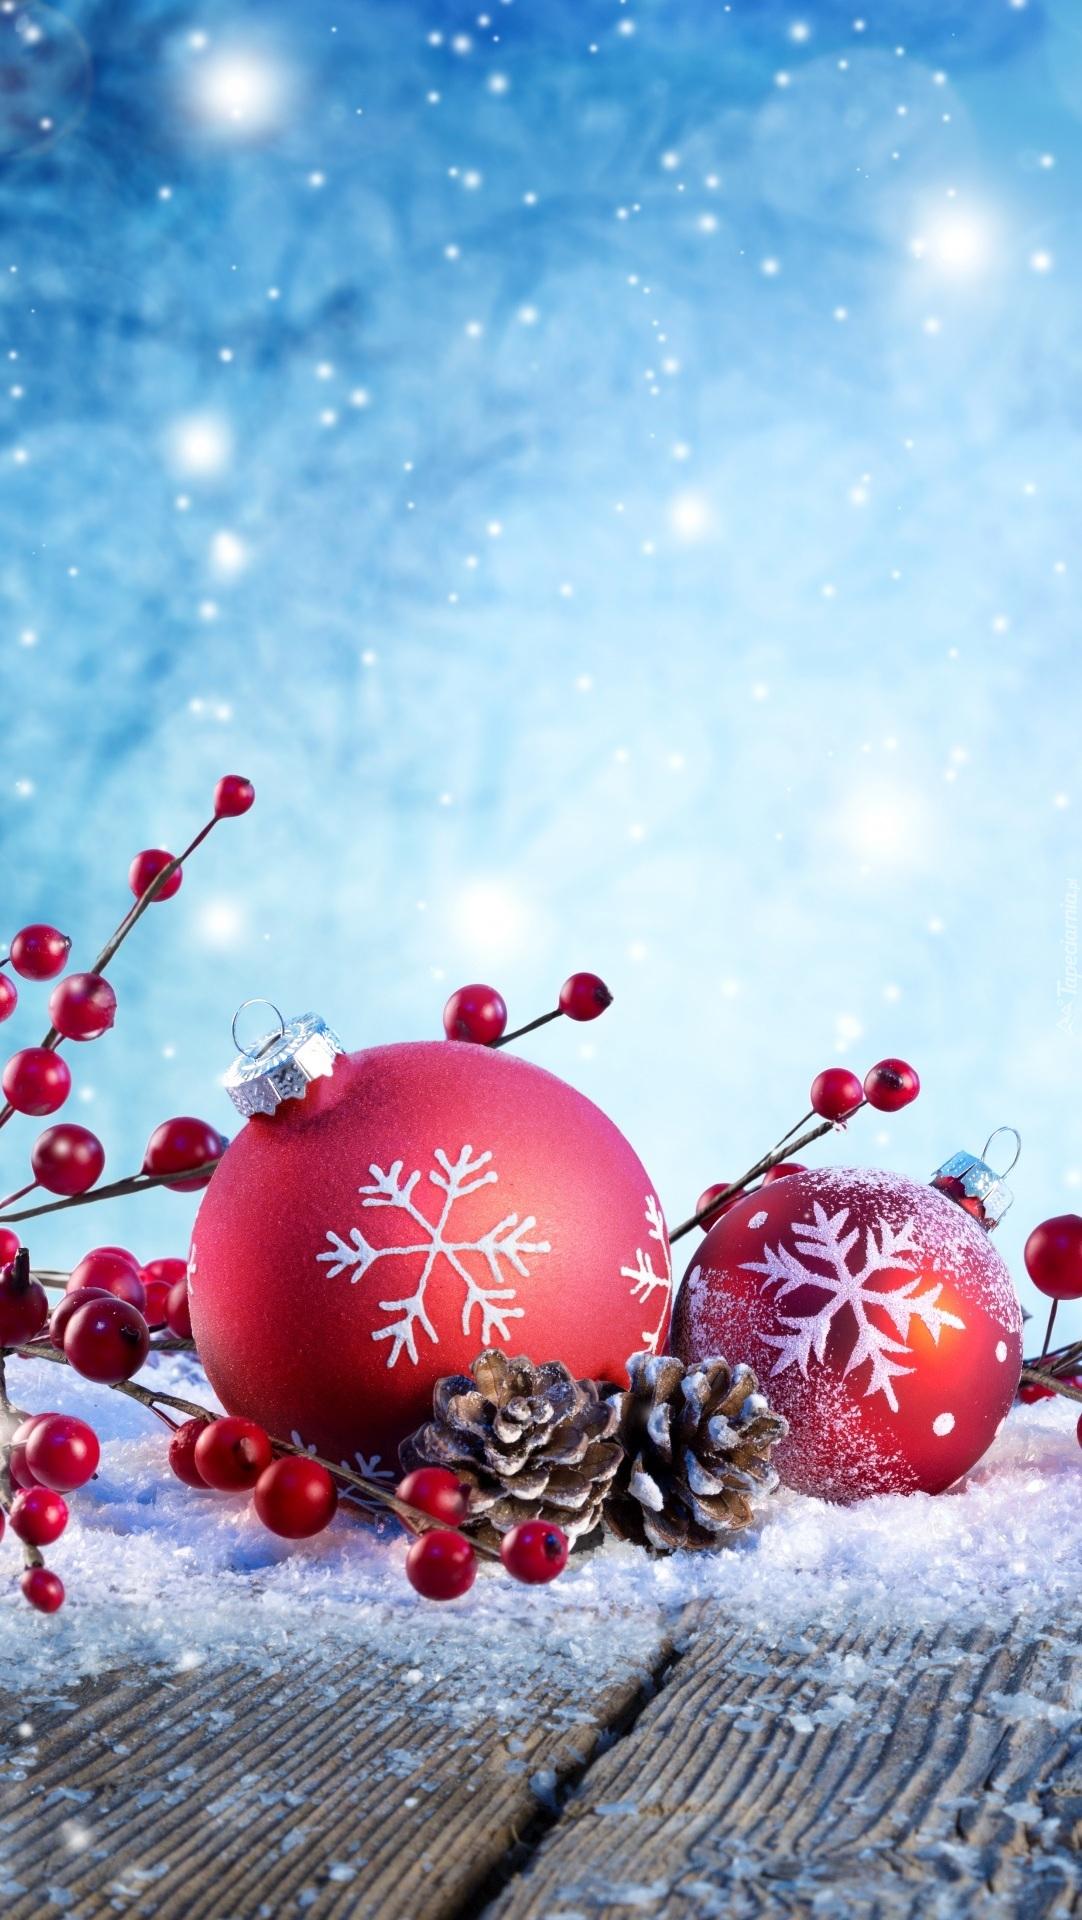 Bombki w śnieżnej dekoracji